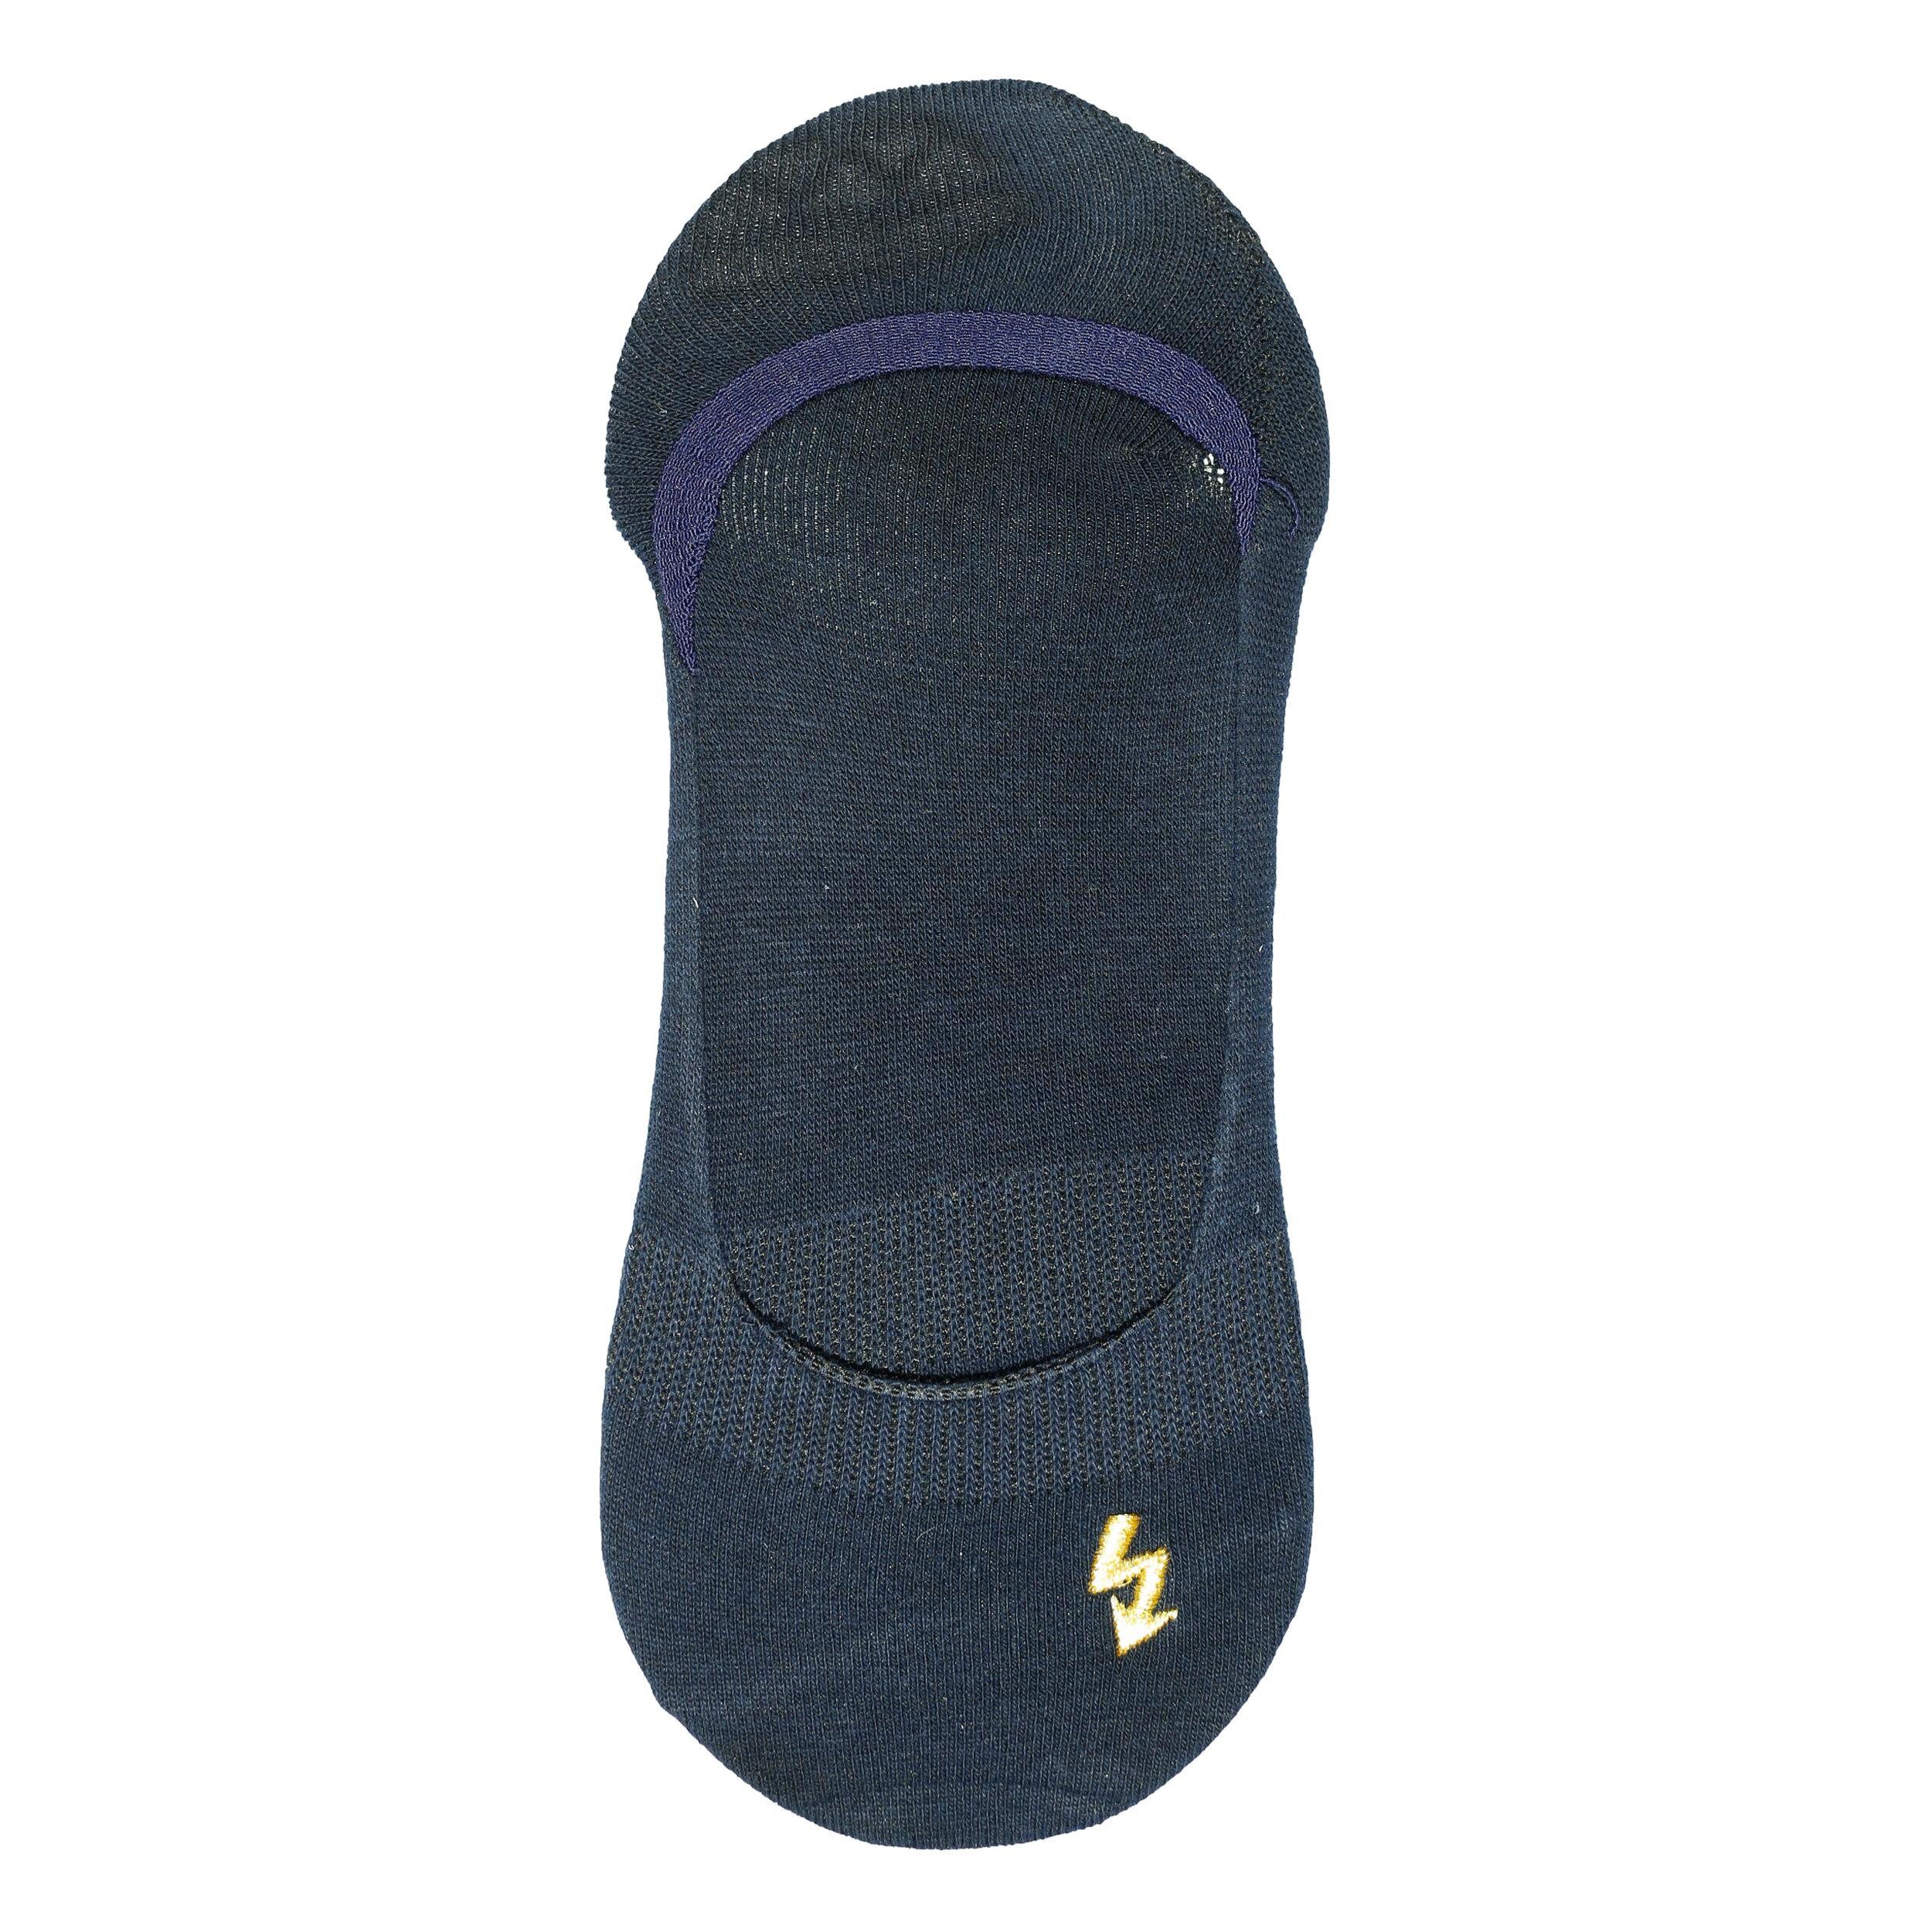 جوراب مردانه جین دینا کد RG-CK 112 -  - 2